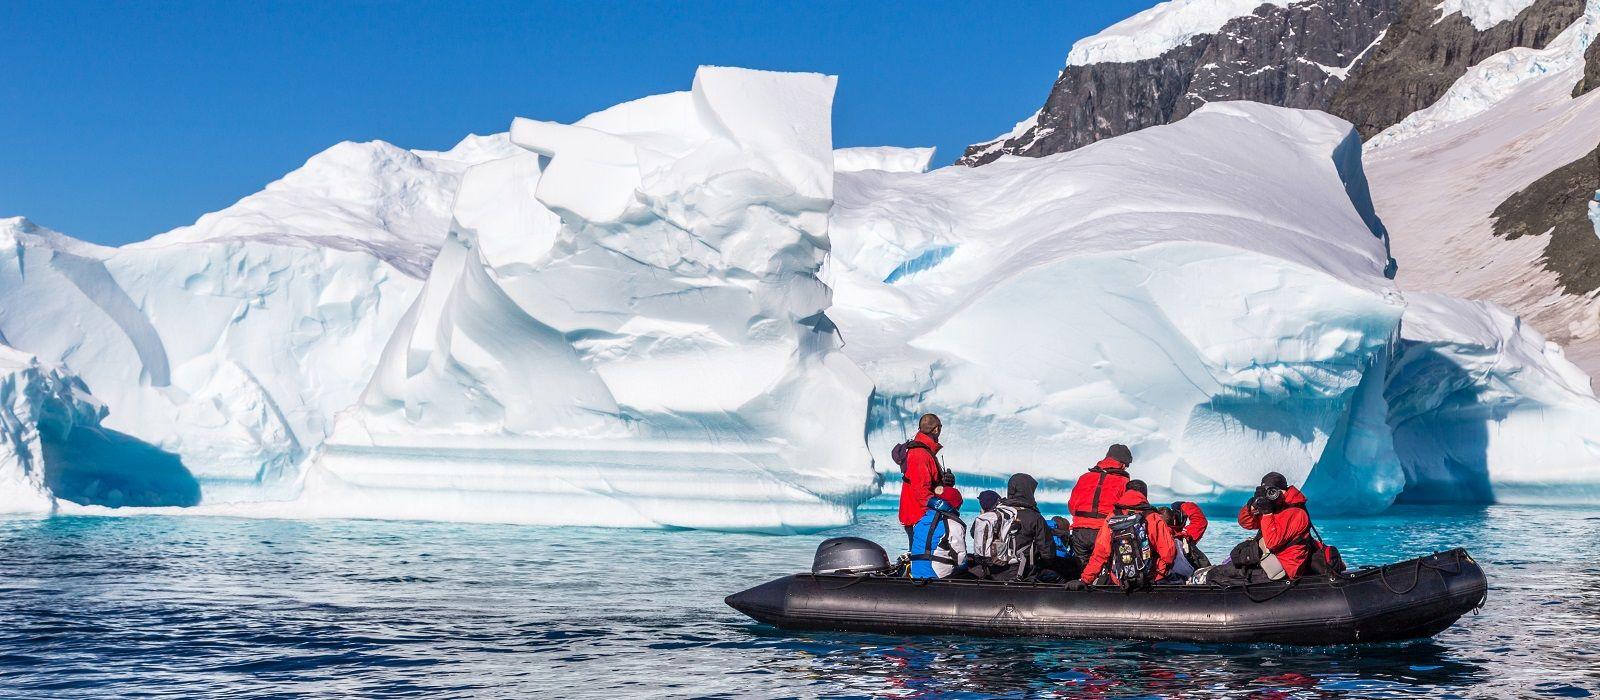 Chile & Antarktis: Sagenhafte Schneelandschaften Urlaub 2